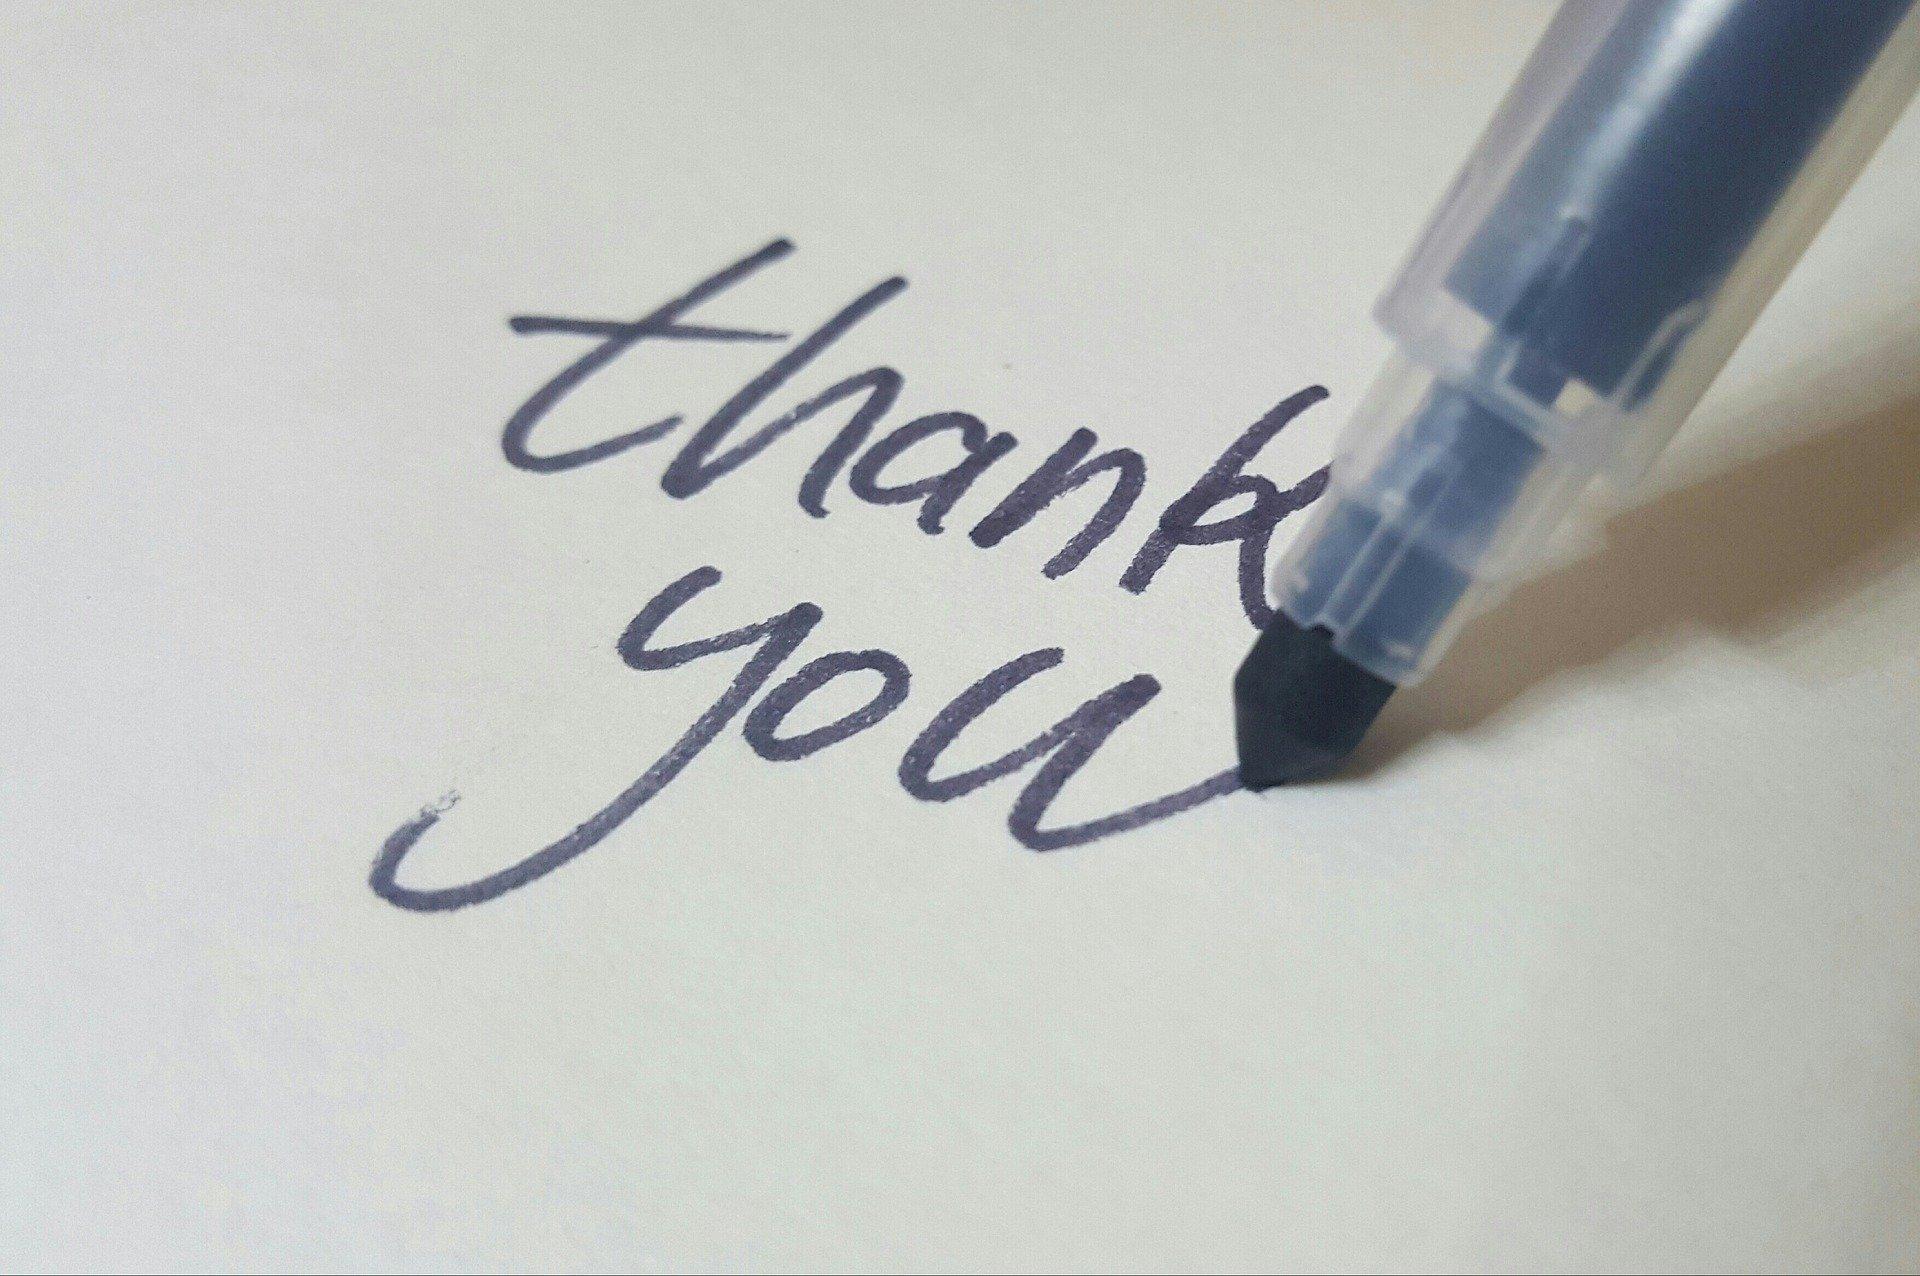 ありがとうを書いた紙